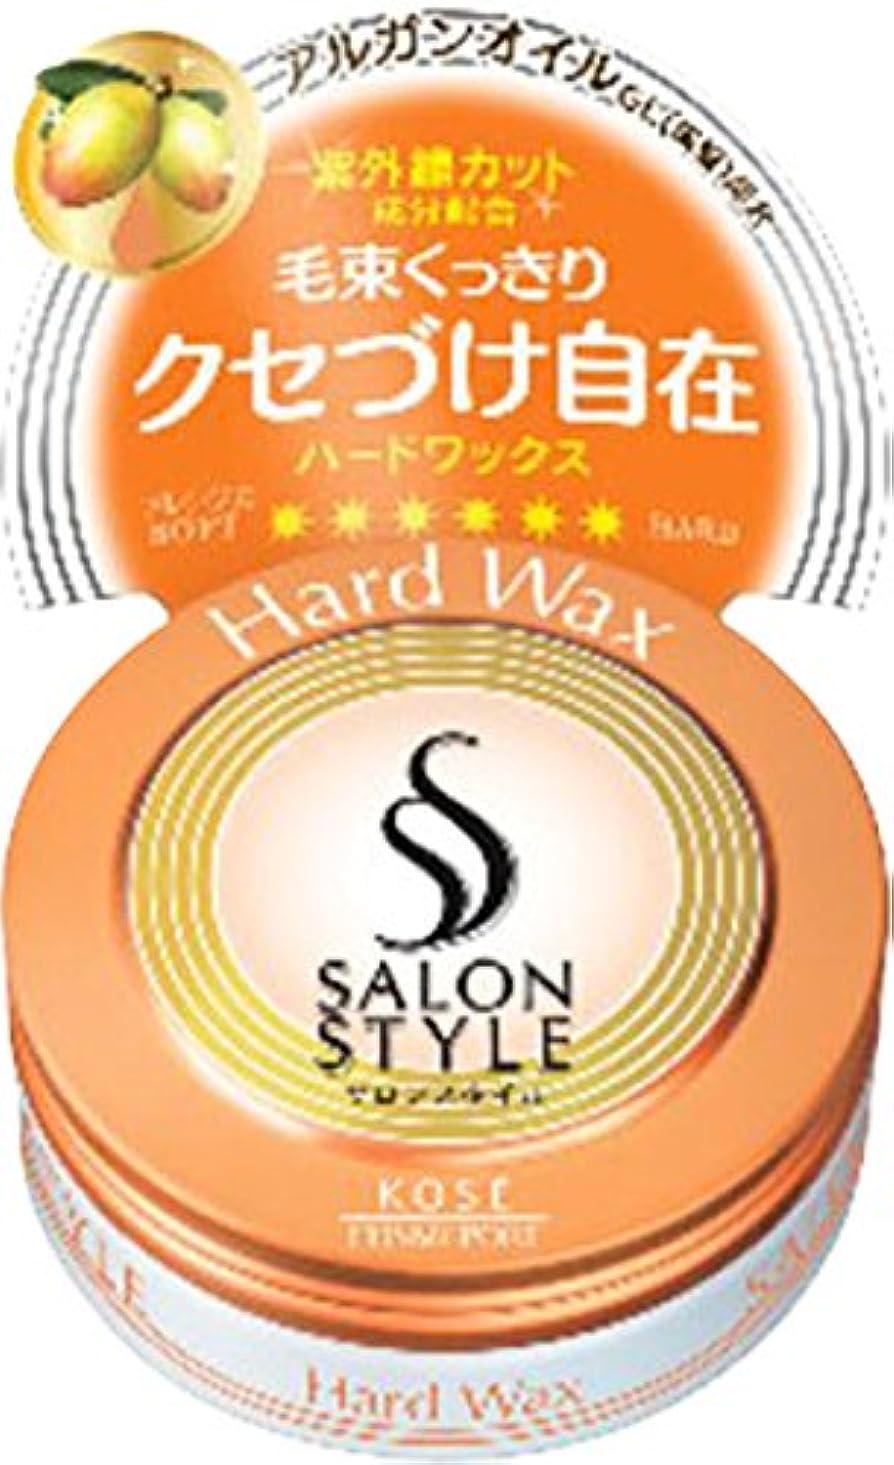 伝える豊かなに対処するKOSE コーセー SALON STYLE(サロンスタイル) ヘアワックスC ハード ミニ 23g